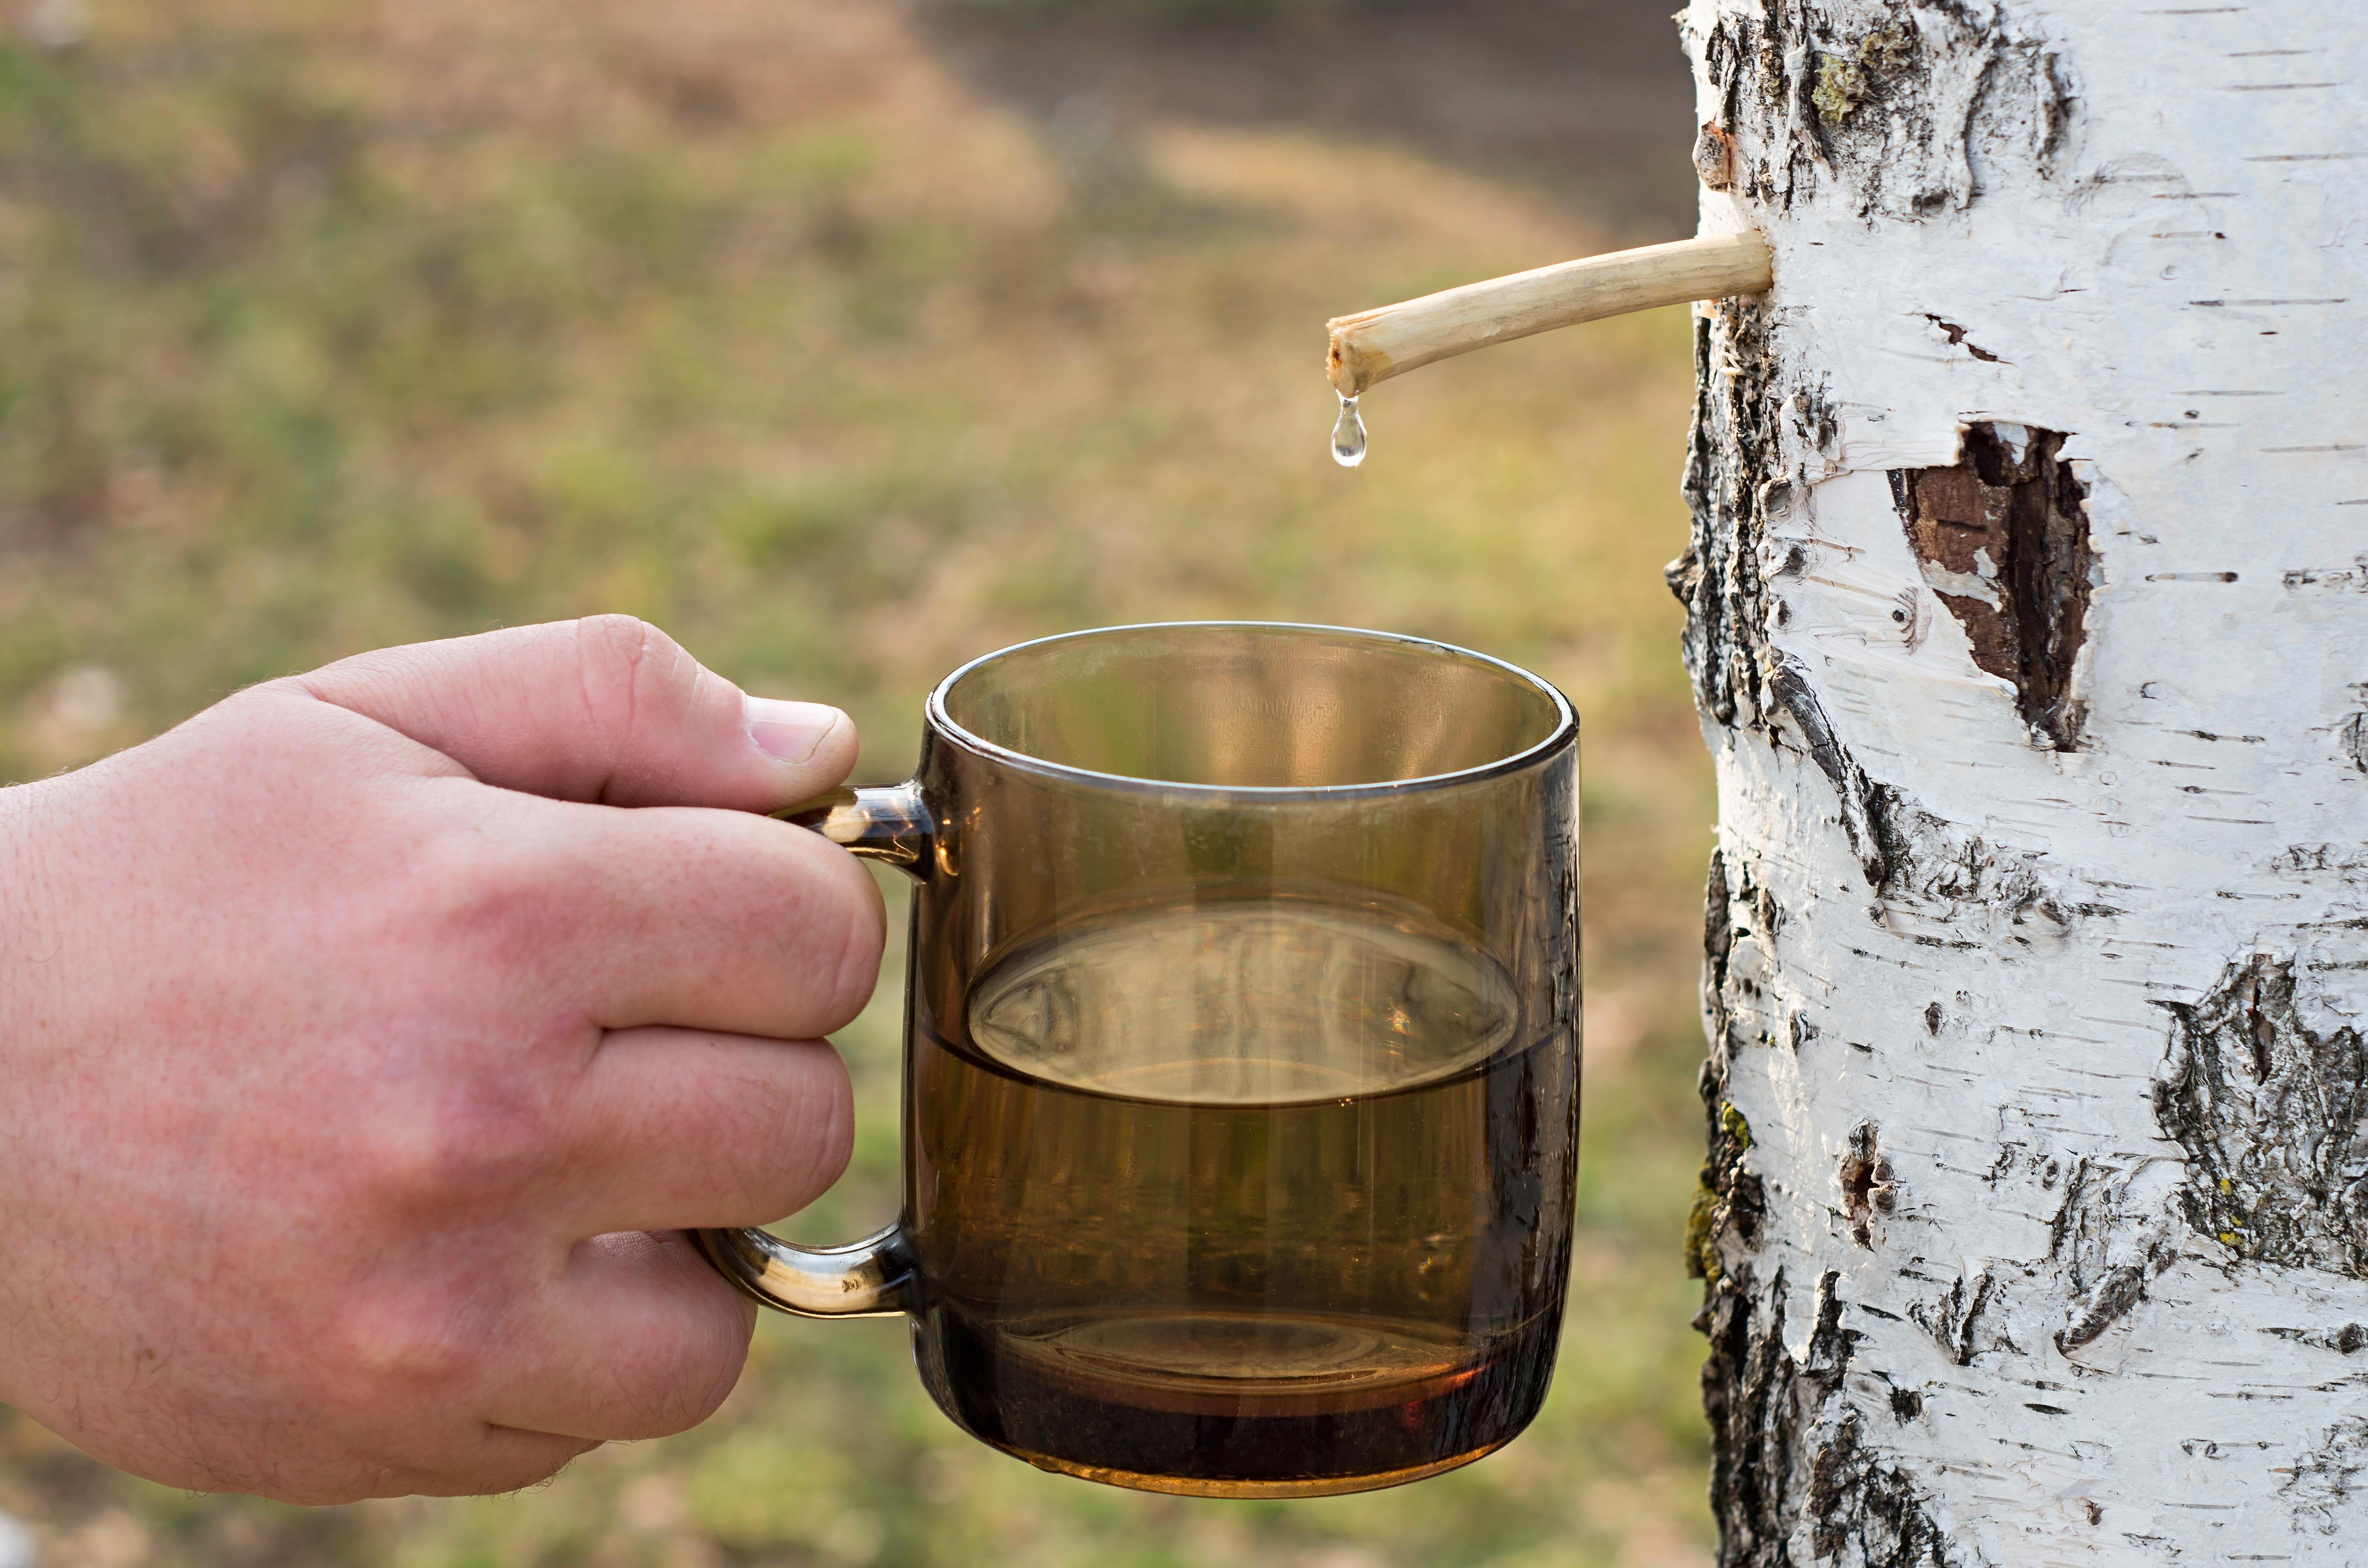 Берёзовый сок укрепляет иммунитет, выводит токсины, улучшает обмен веществ